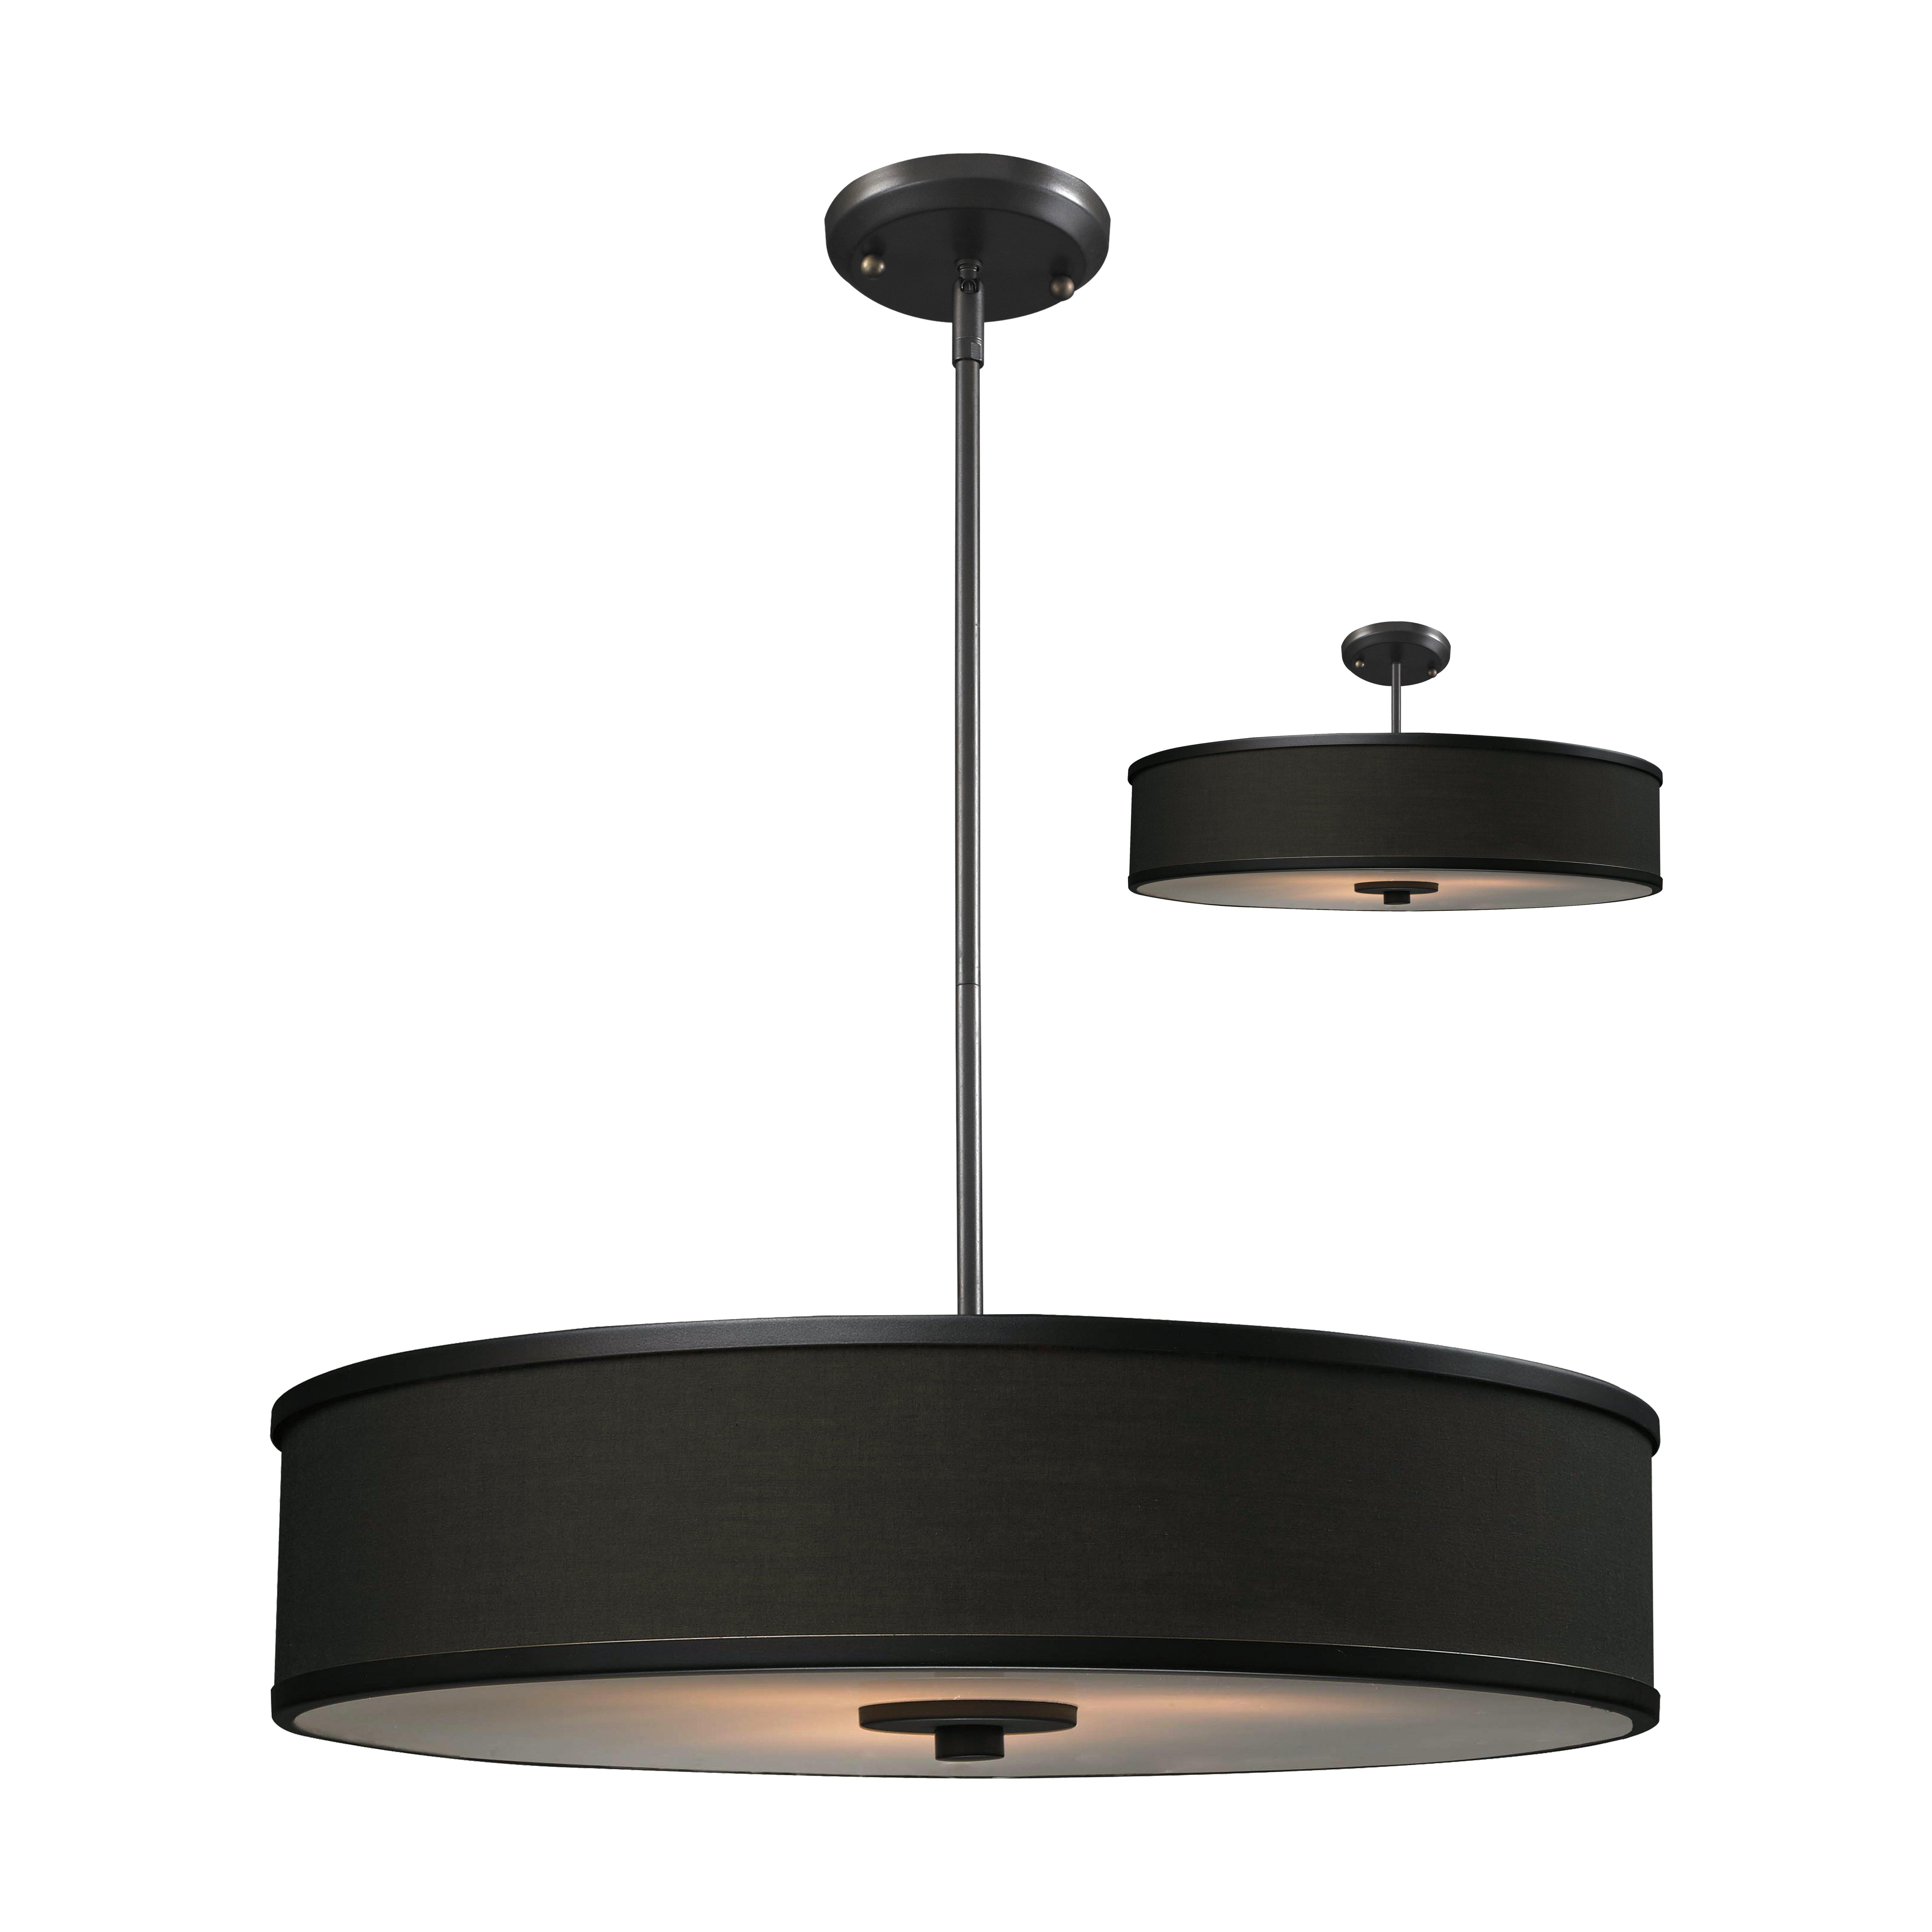 Foyer Drum Lighting : Z lite cameo convertible light drum foyer pendant